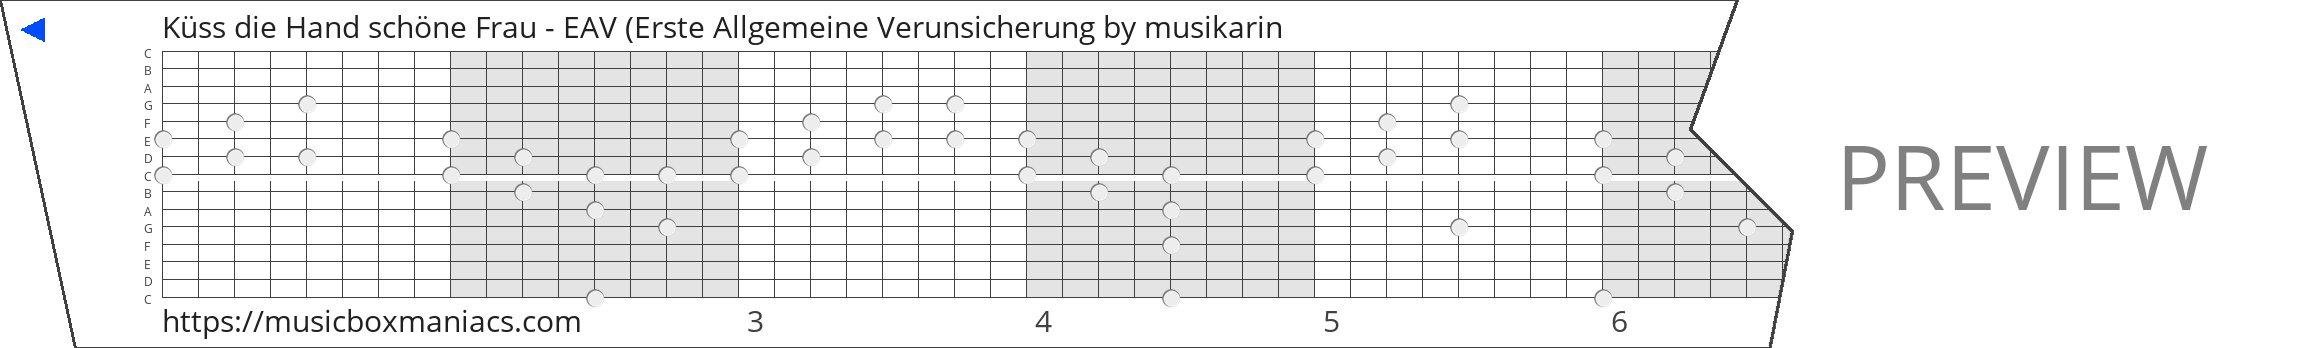 Küss die Hand schöne Frau - EAV (Erste Allgemeine Verunsicherung 15 note music box paper strip